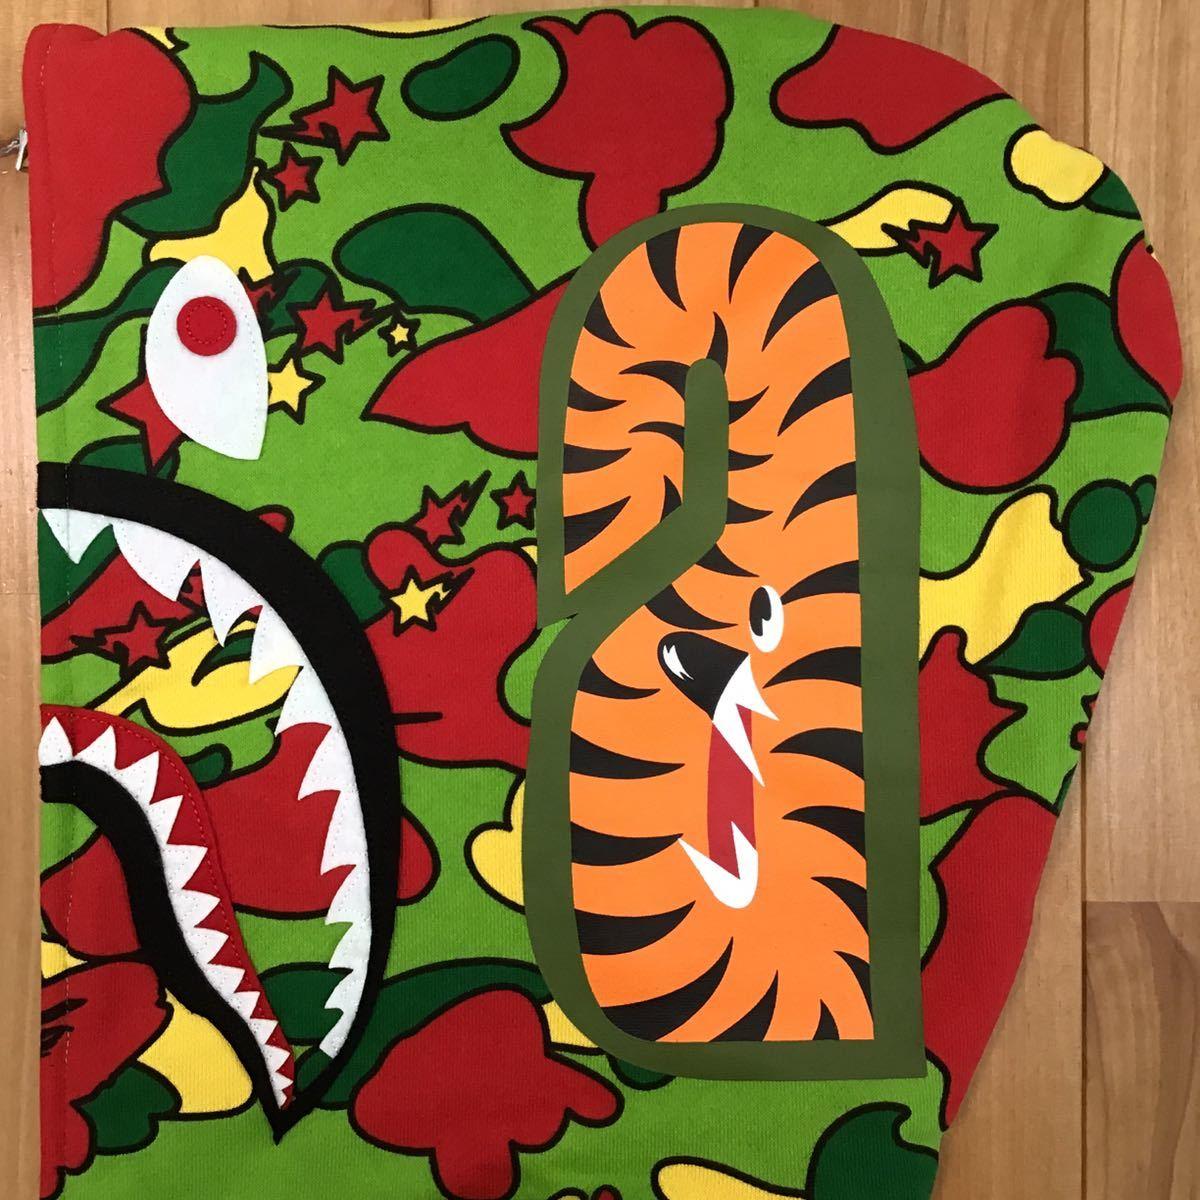 ★新品★ Psyche camo シャーク パーカー Mサイズ shark full zip hoodie a bathing ape bape エイプ ベイプ sta camo 迷彩 570